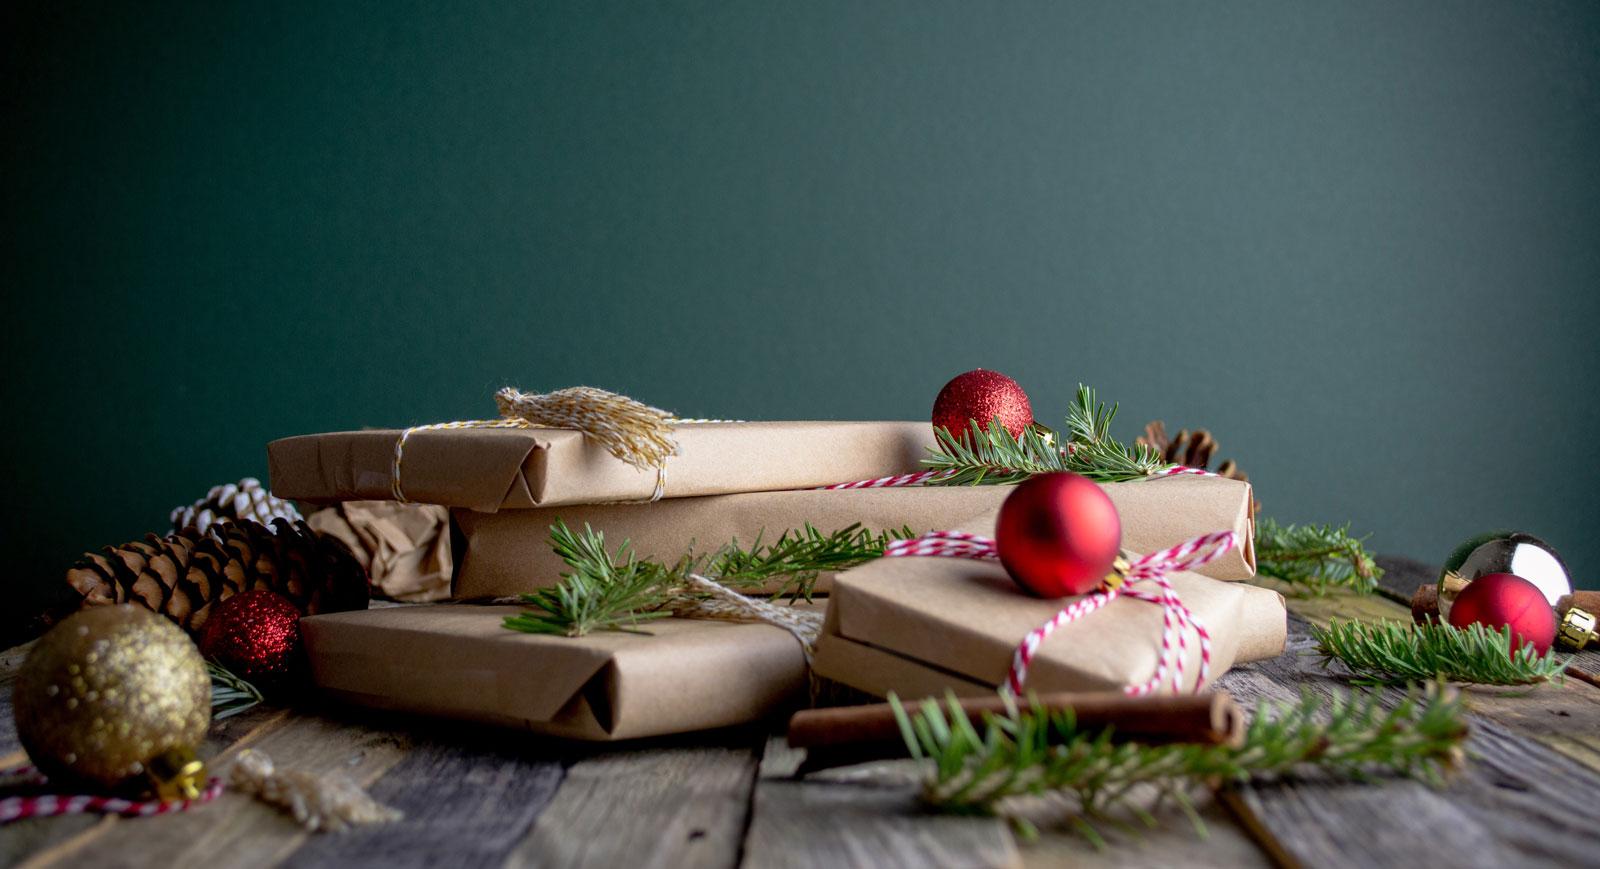 Nachhaltige Geschenkverpackung mit Recyclingpapier und Schnur